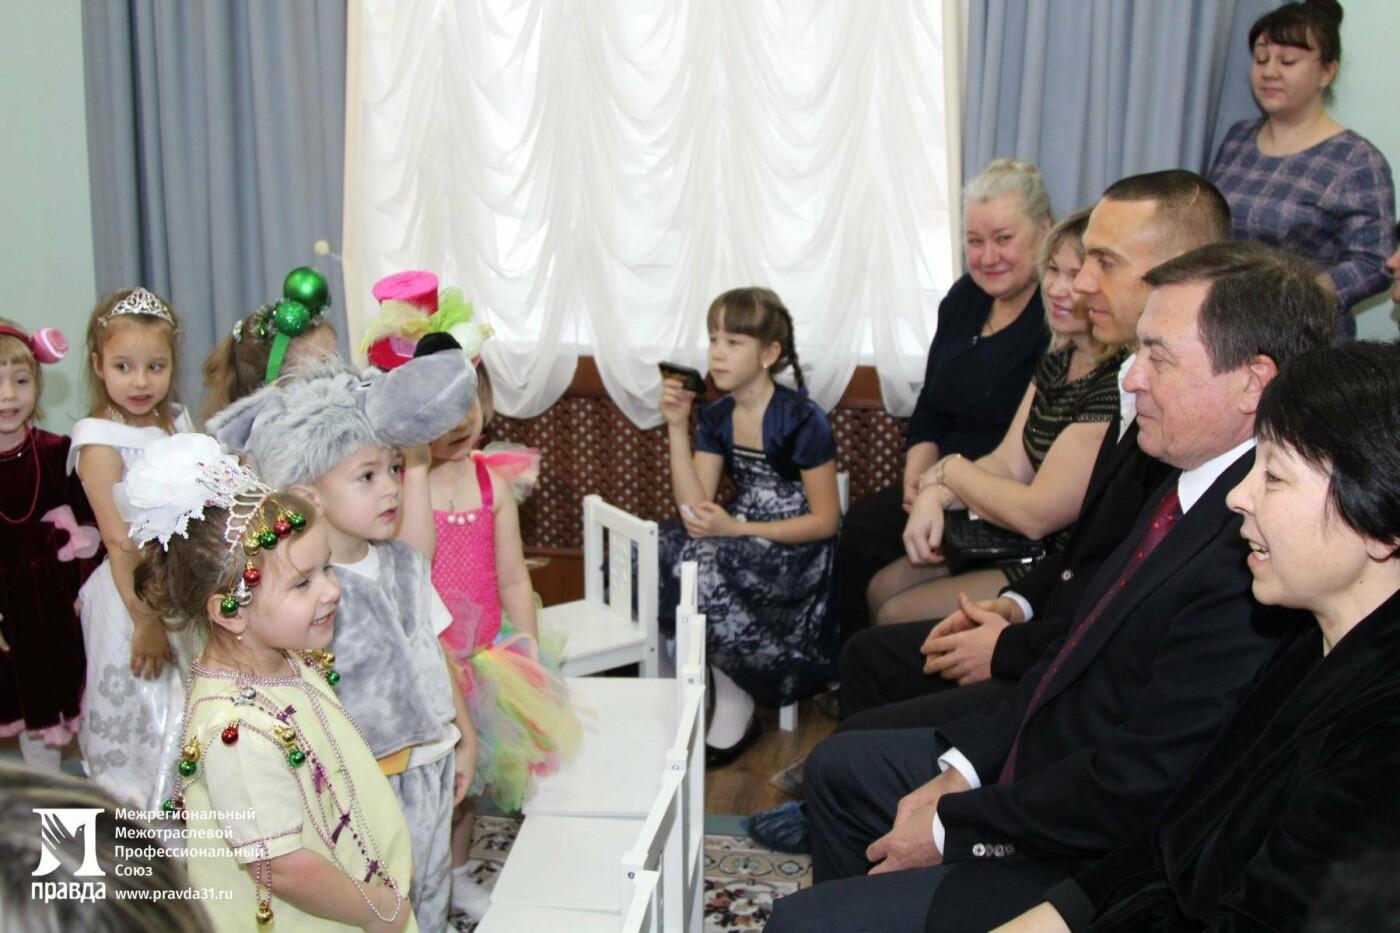 Праздник к нам приходит: воспитанников православного детского сада «Рождественский» поздравили с Новым годом, фото-2